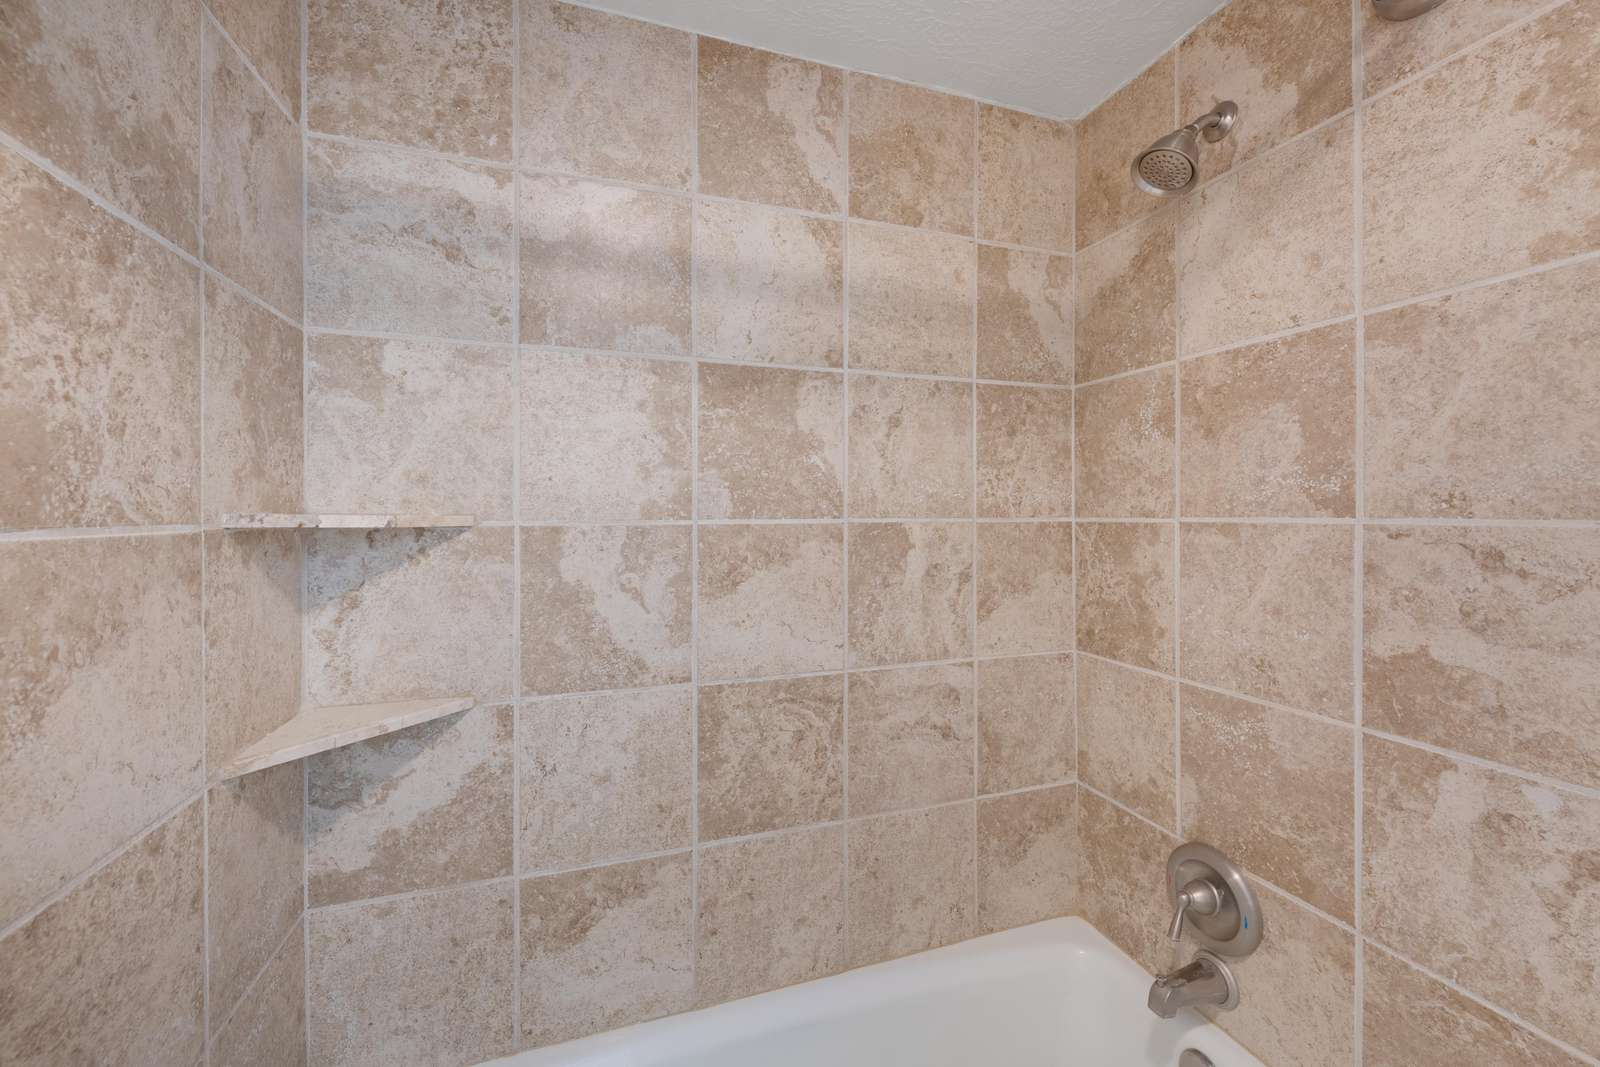 Guest Bathroom Tub & Shower